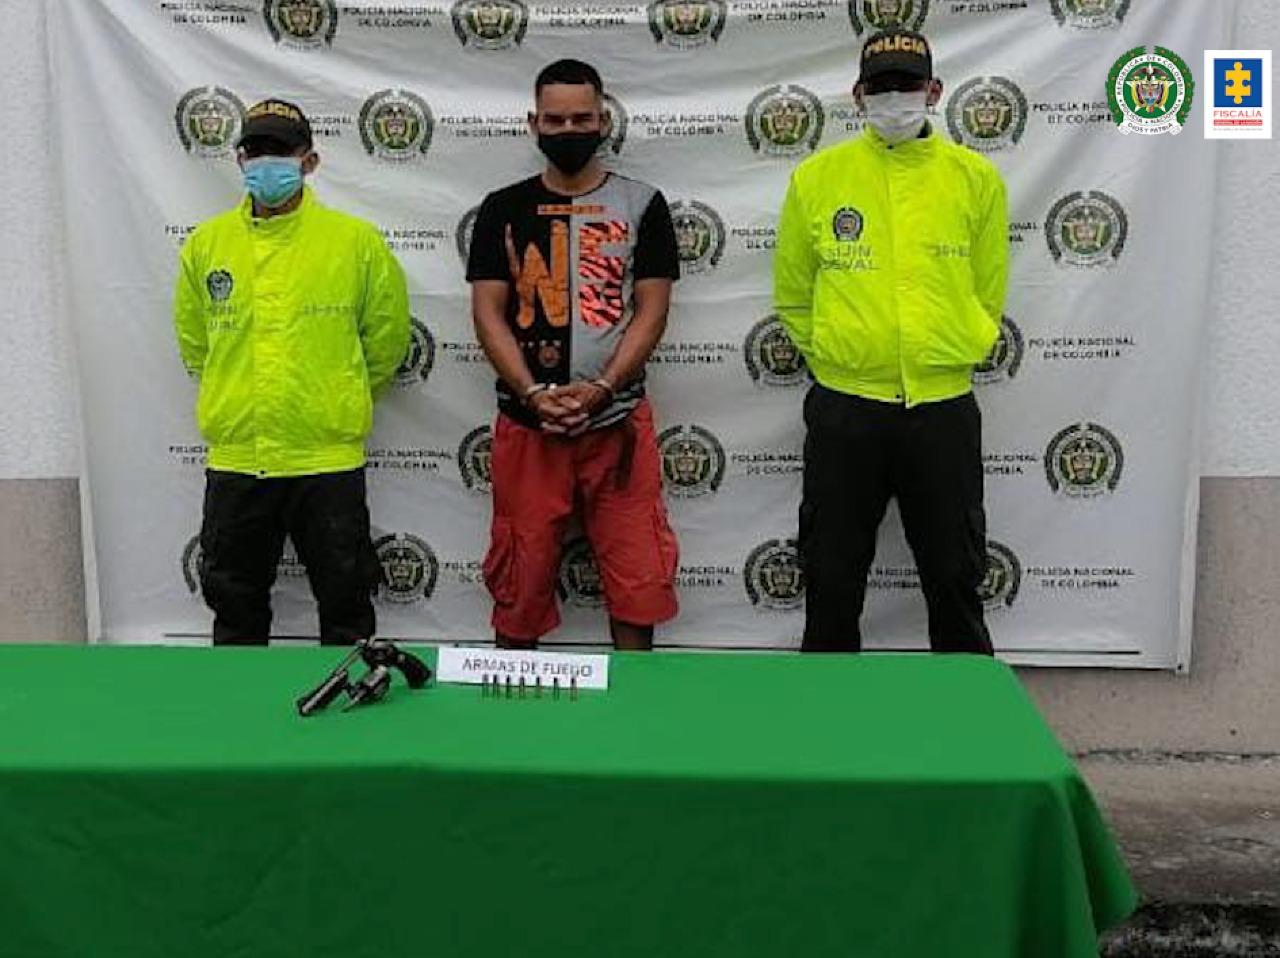 Por presunto tráfico de estupefacientes y porte ilegal de armas de fuego fueron judicializados dos hombres municipios del Valle - Noticias de Colombia